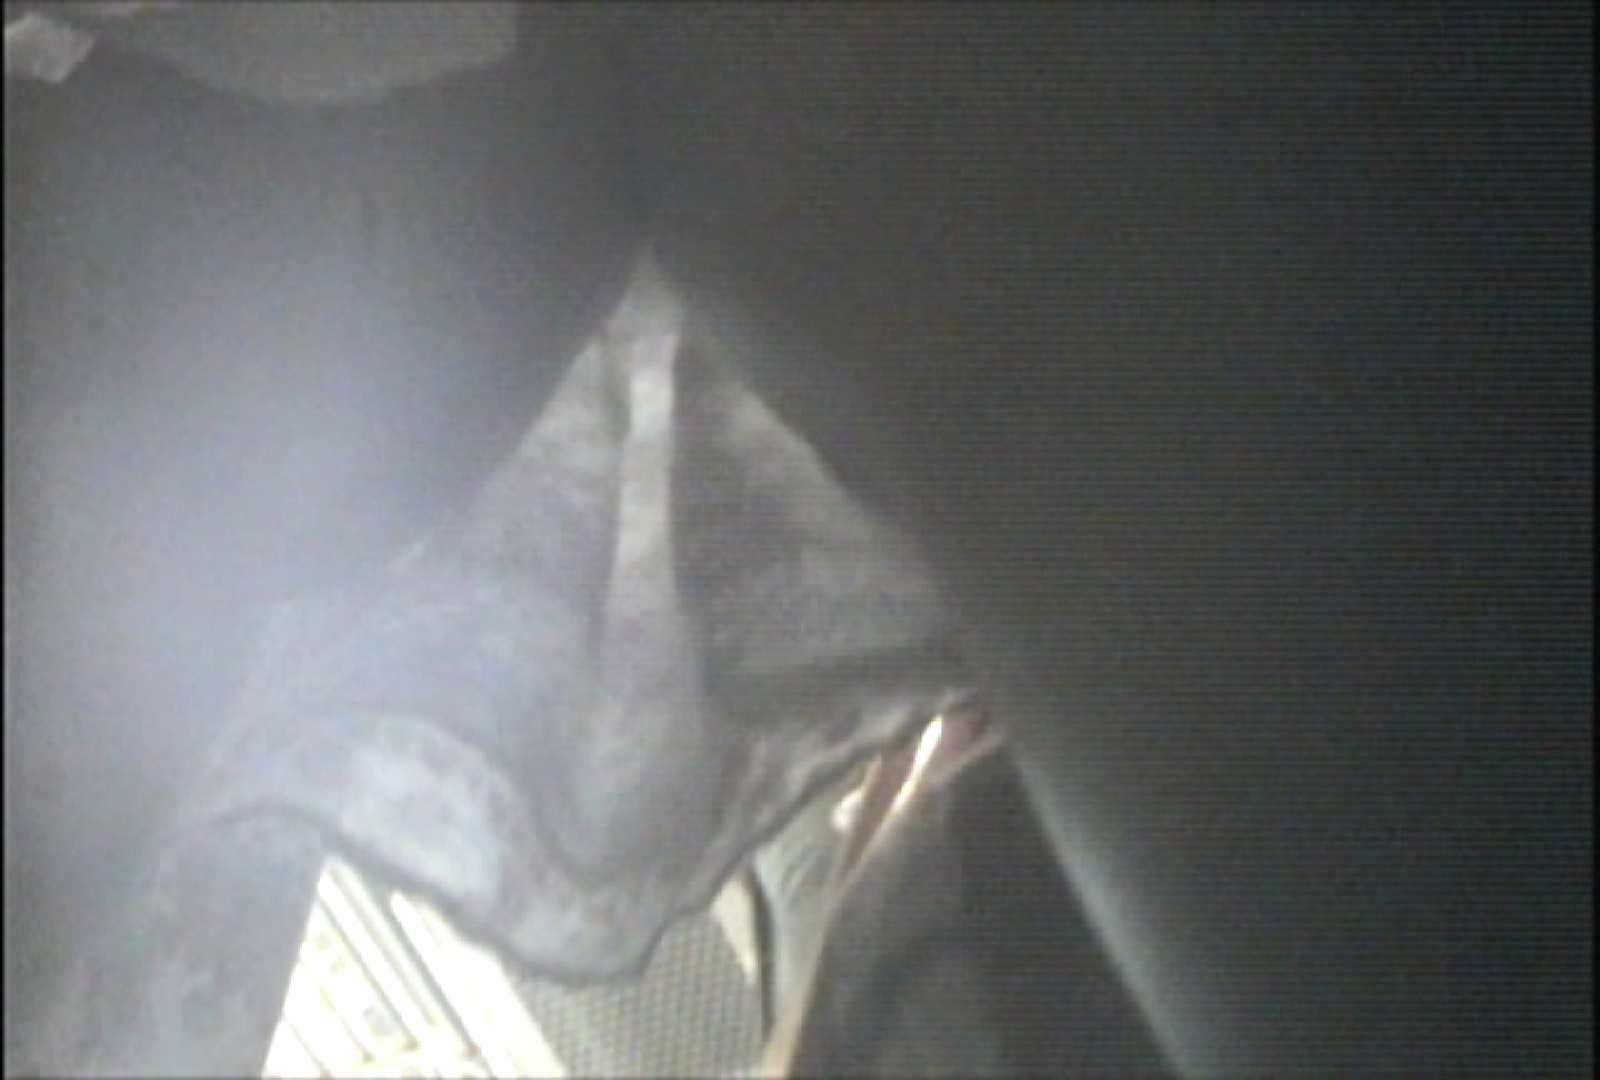 「しん」さんの逆さバイキングVol.9 パンチラ放出 盗み撮りAV無料動画キャプチャ 52pic 8